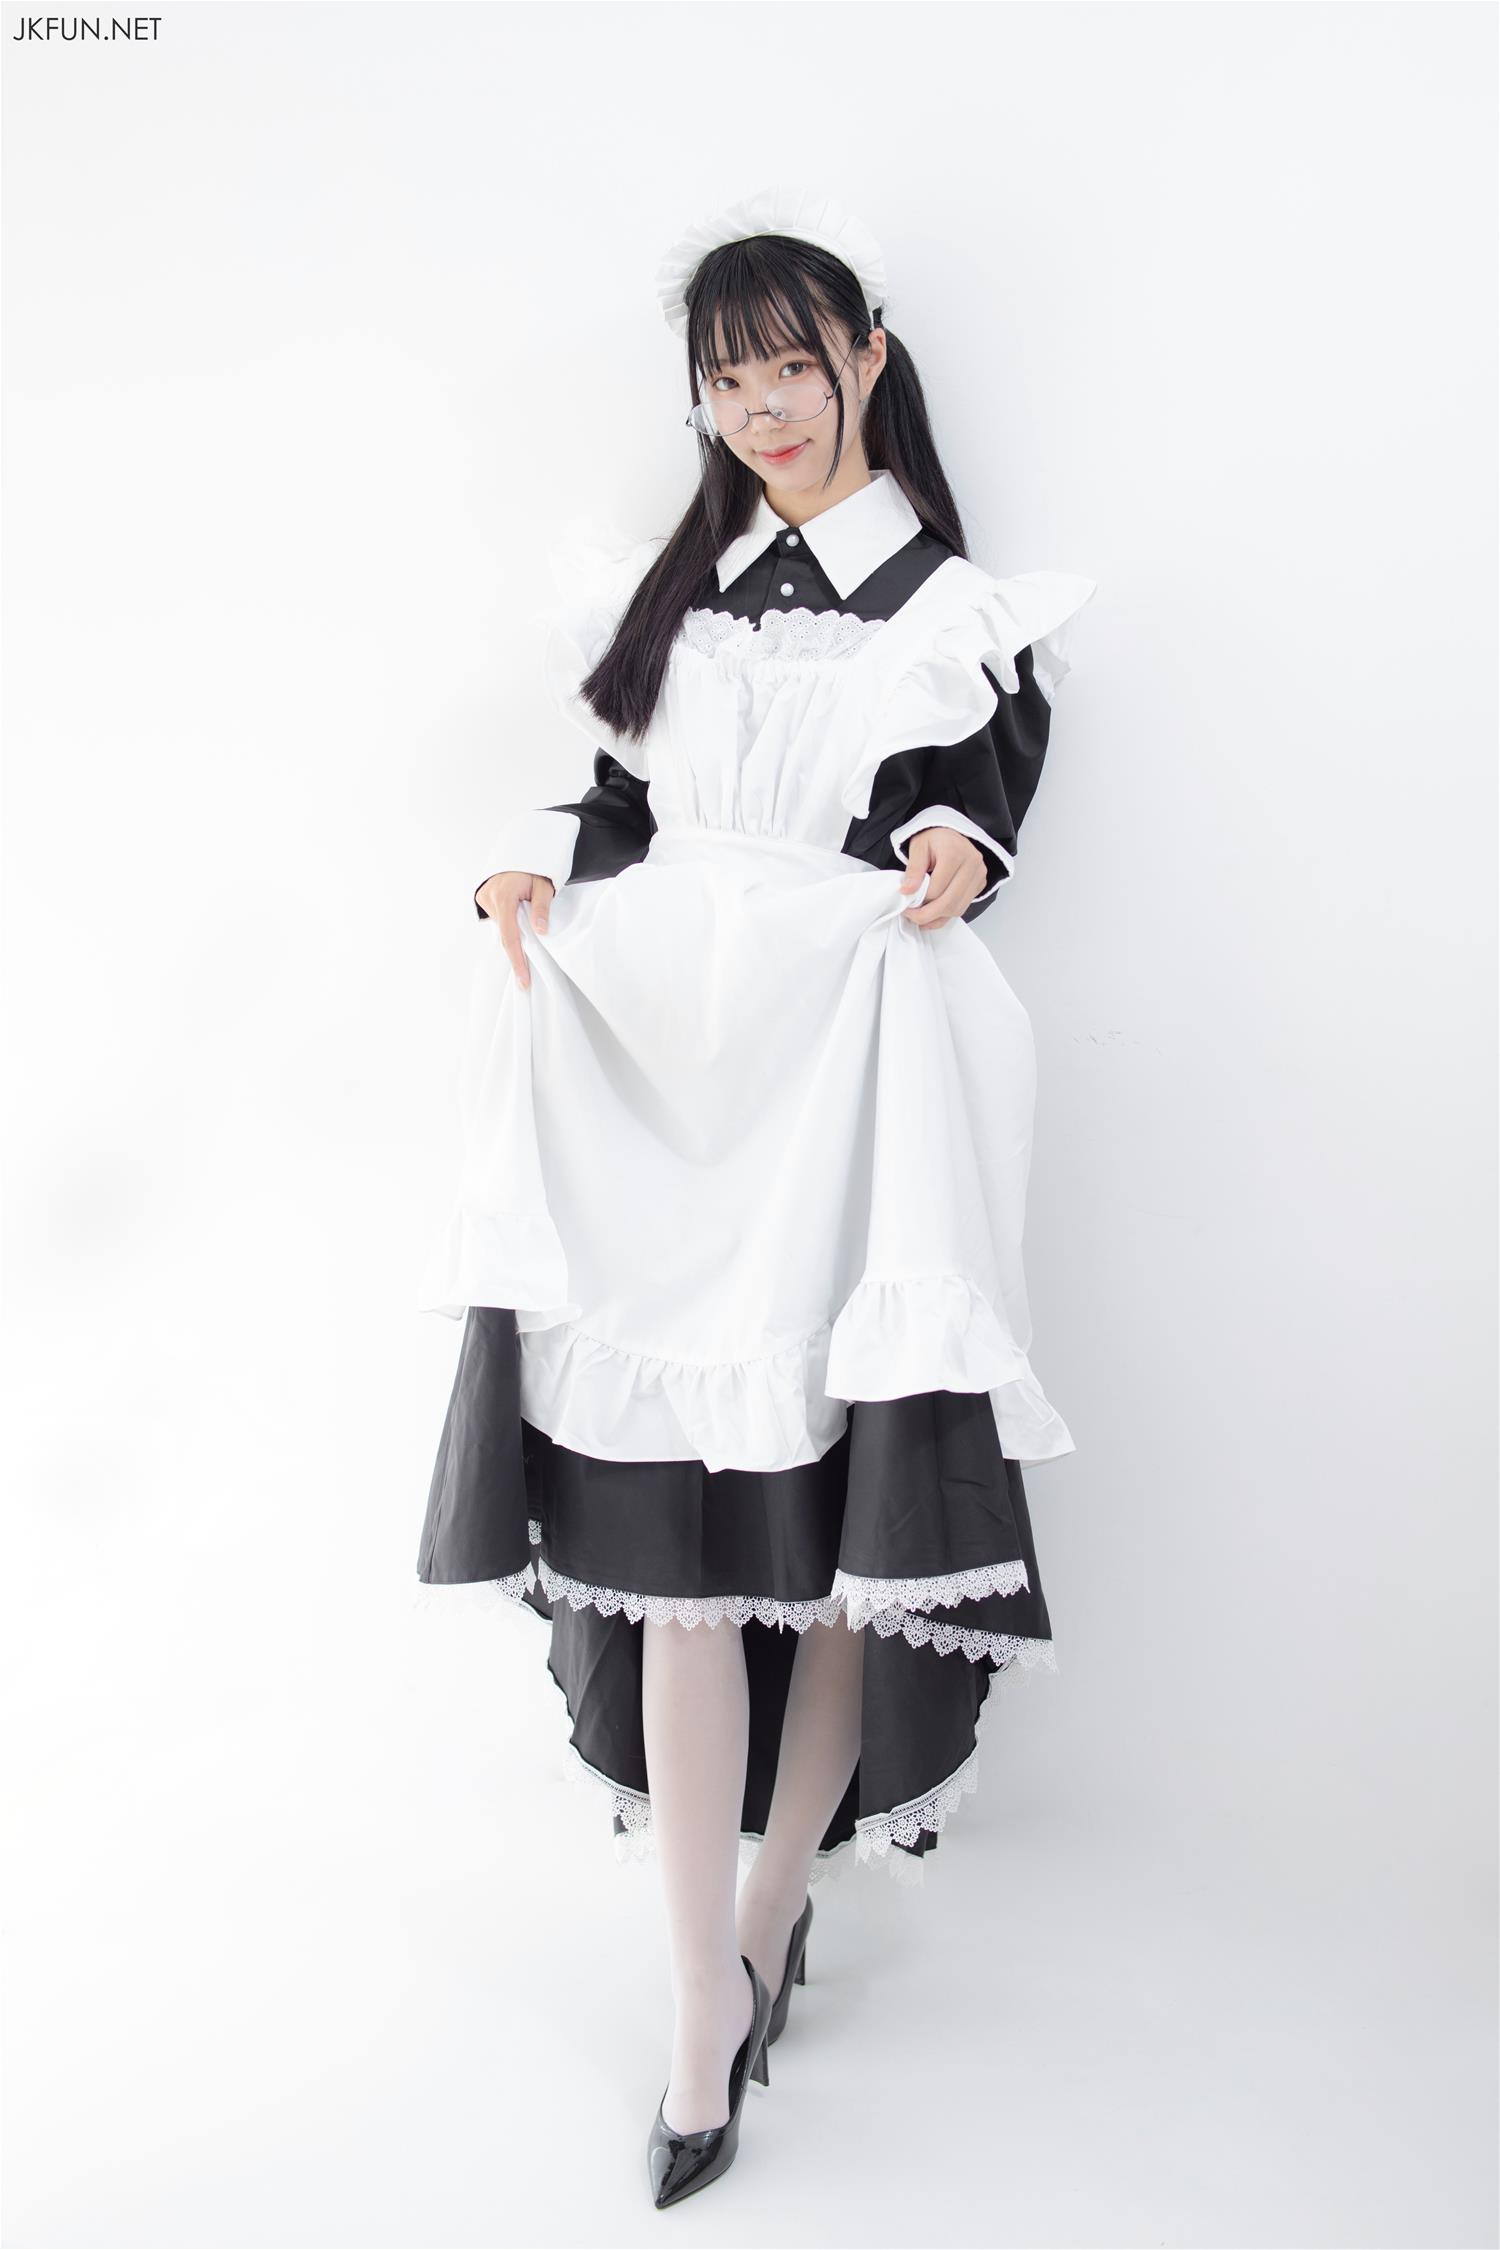 森萝财团 JKFUN-017 小梓 15D超薄白丝(127P)